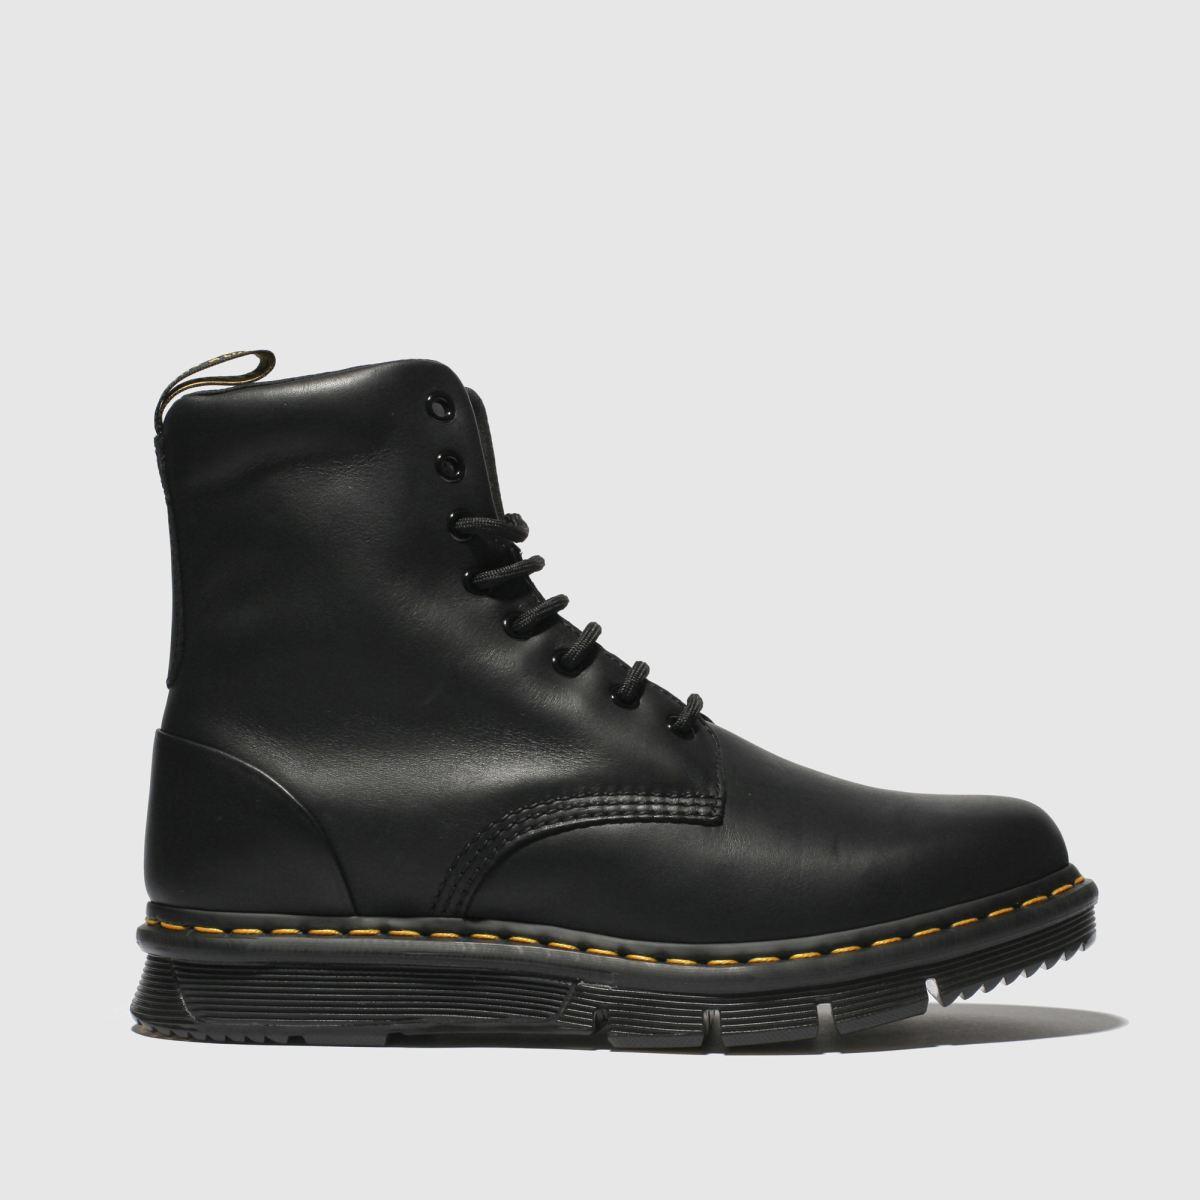 Dr Martens Black Lexington Boots